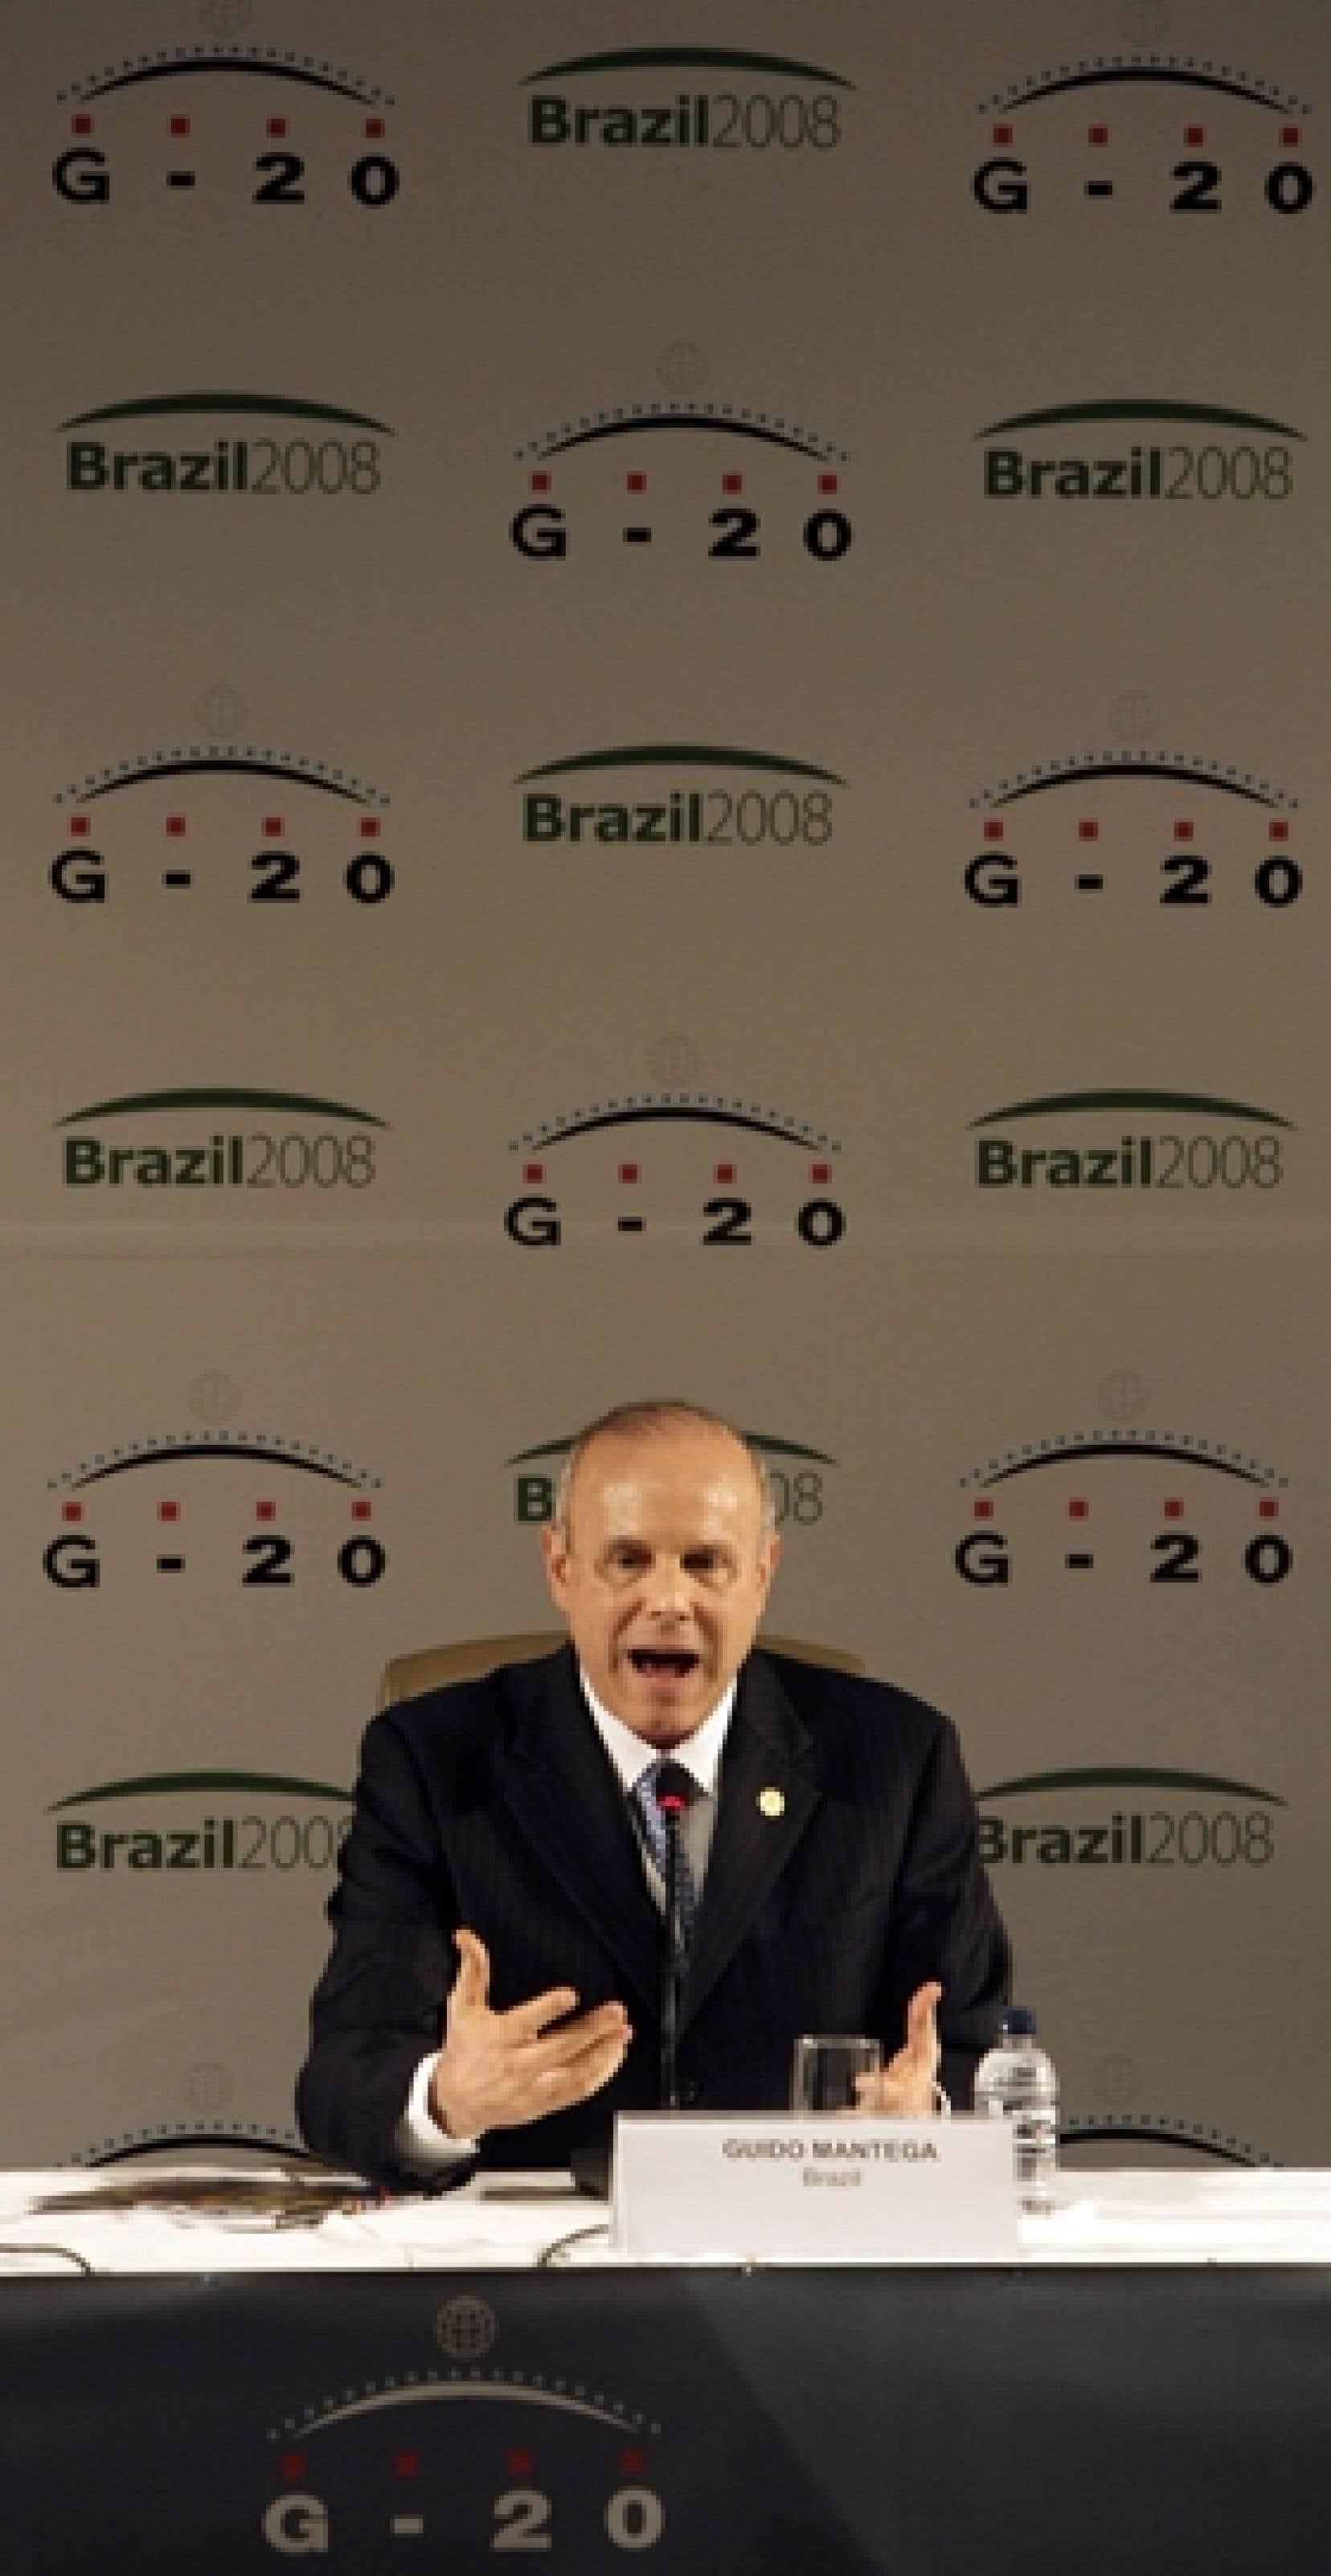 Le ministre brésilien de l'Économie, Guido Mantega